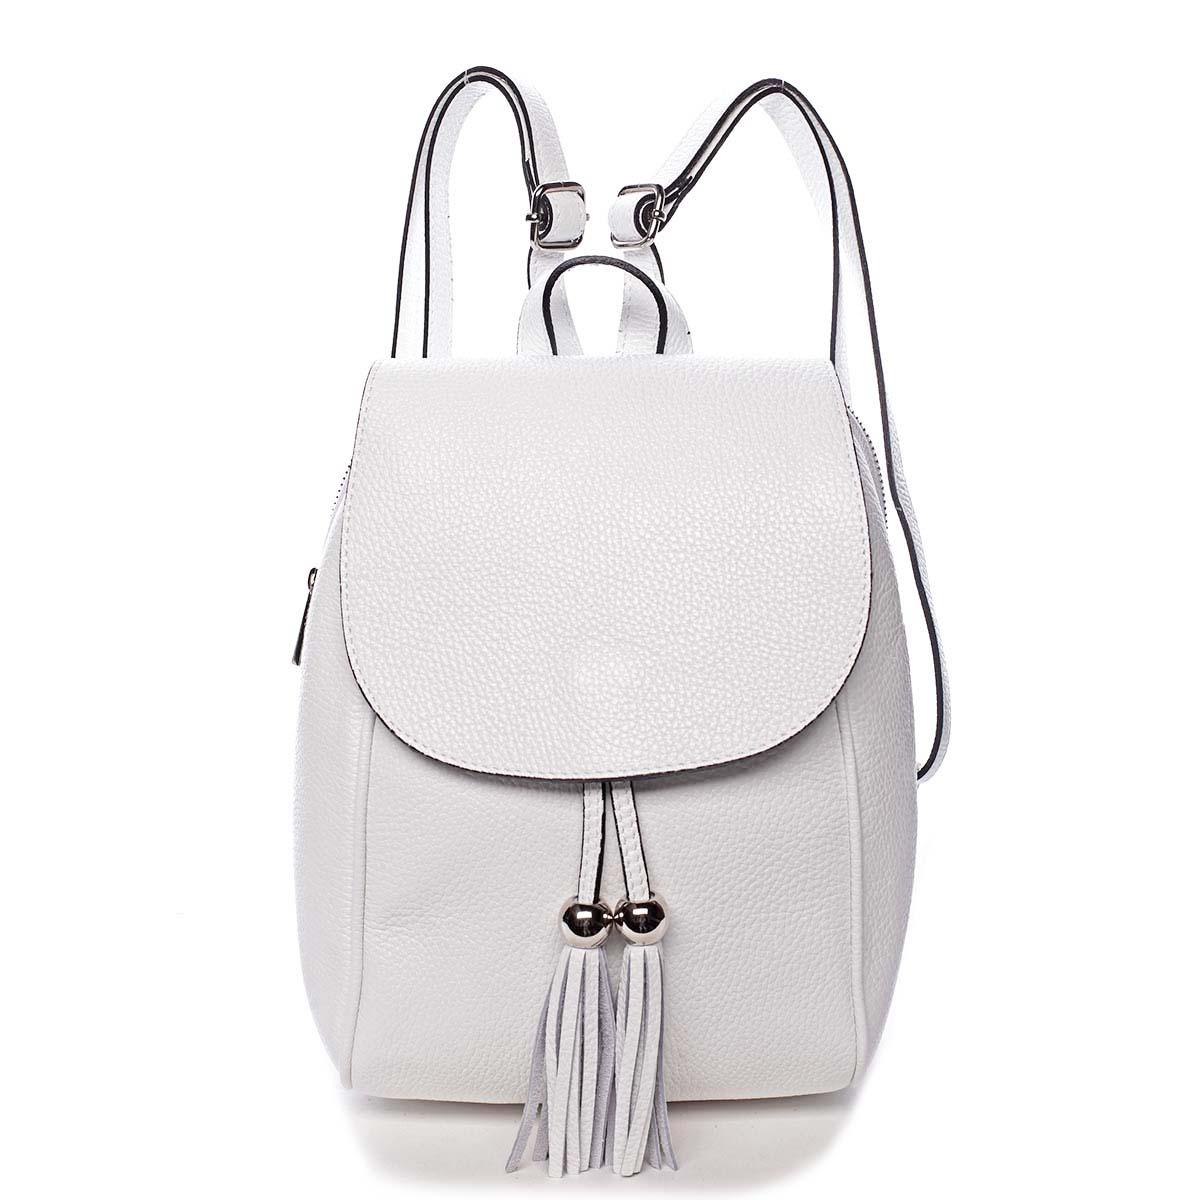 Dámsky kožený batôžtek biely - ItalY Joseph